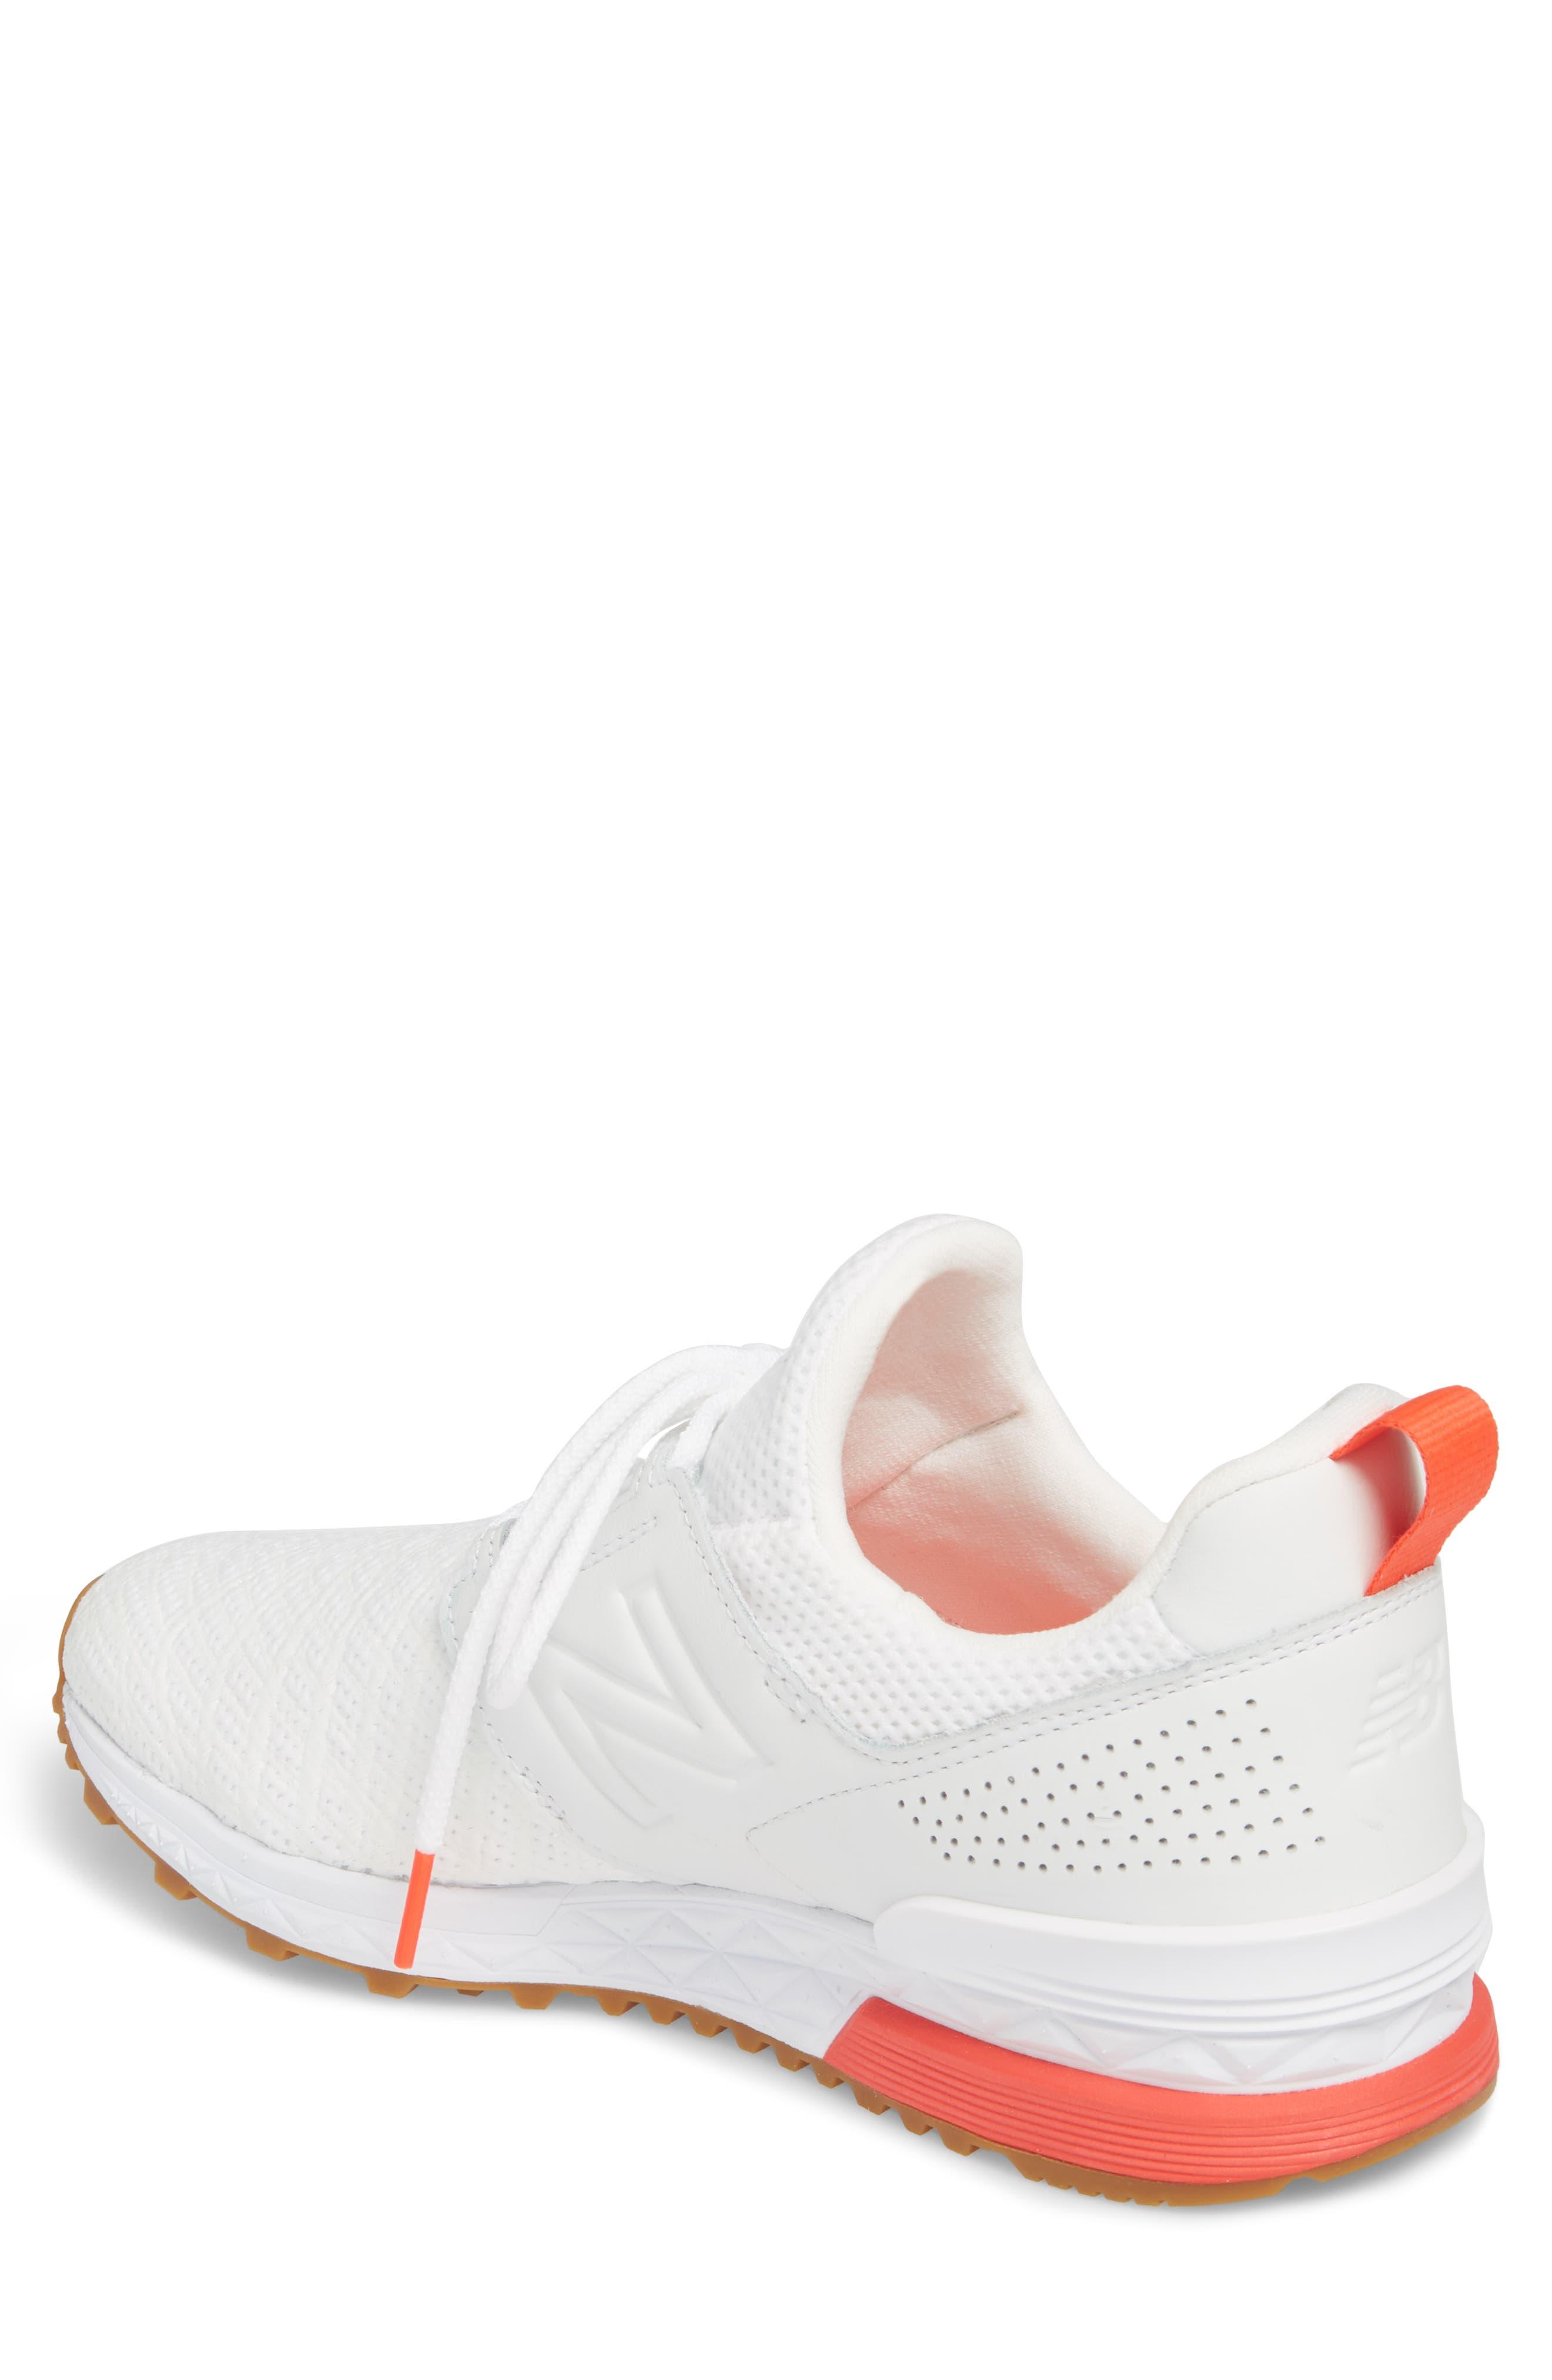 574 Sport Sneaker,                             Alternate thumbnail 2, color,                             White